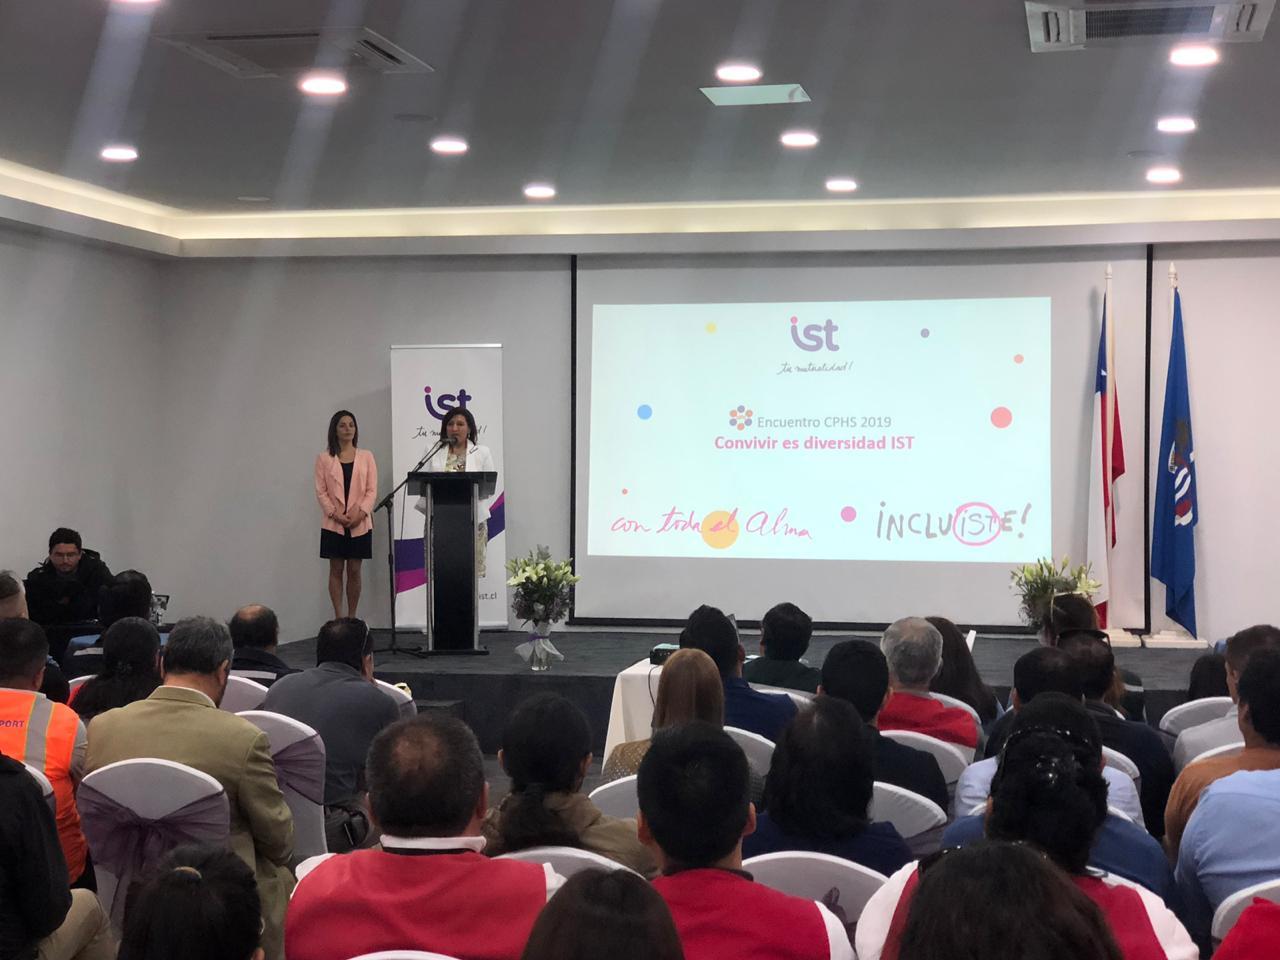 Encuentro CPHS Arica_IST (4)